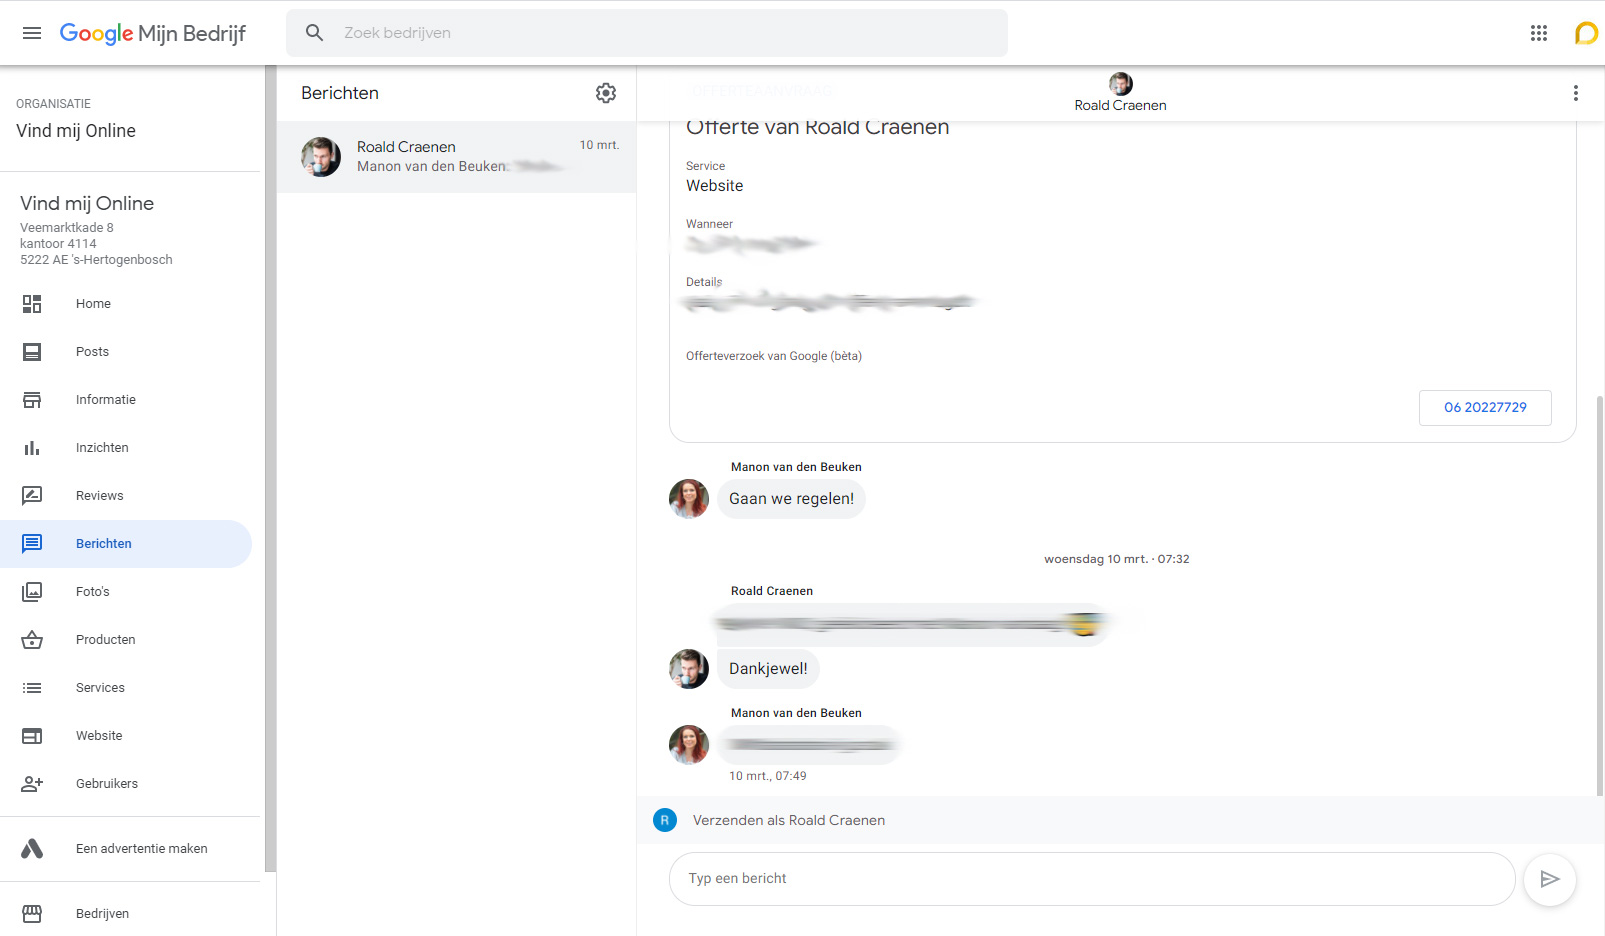 Chatfunctie in Google Mijn Bedrijf